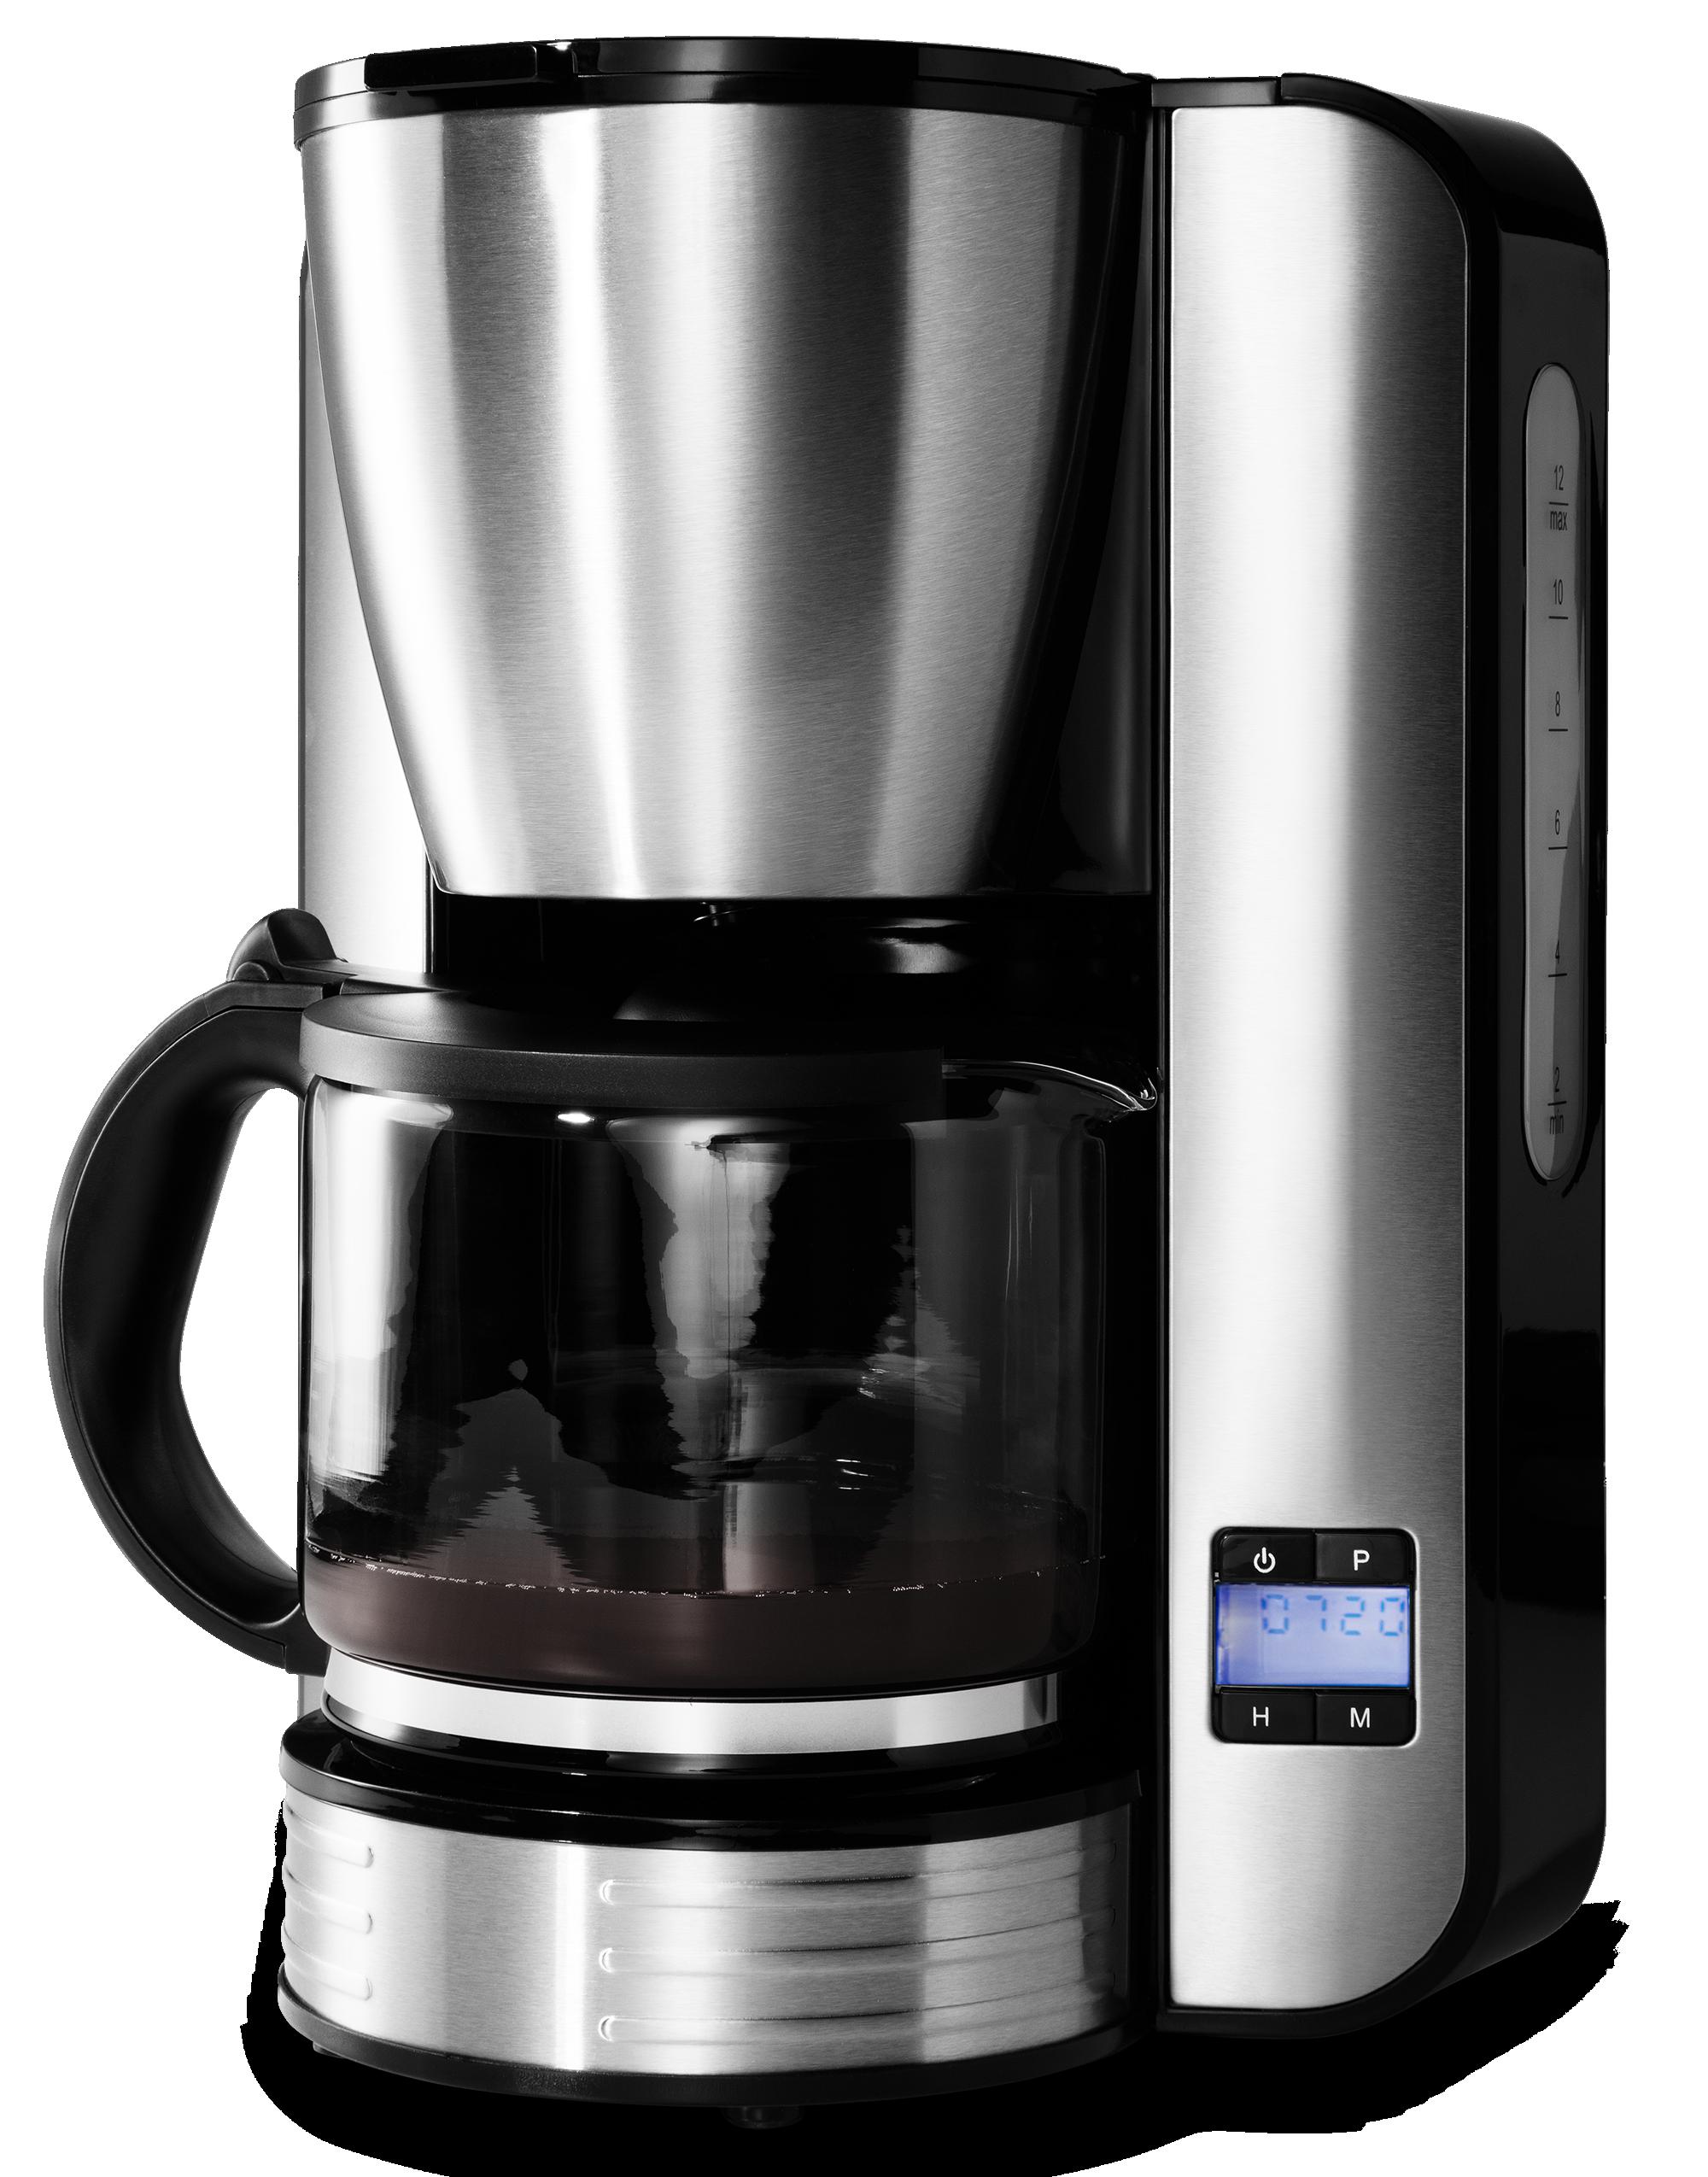 Medion RVS koffie apparaat in gebruik